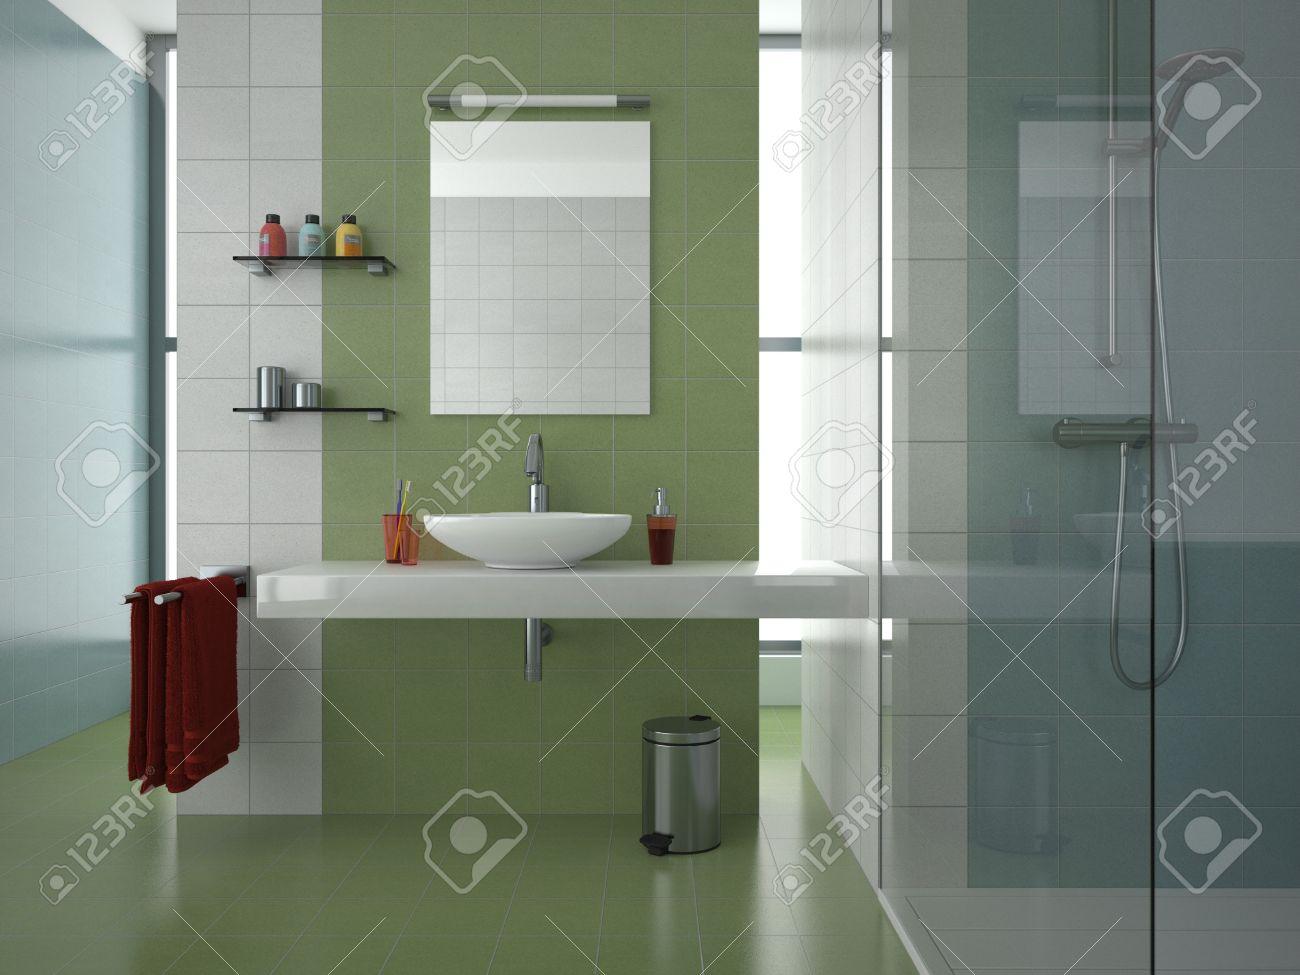 Piastrelle bagno verdi finest bagno bianco with piastrelle bagno